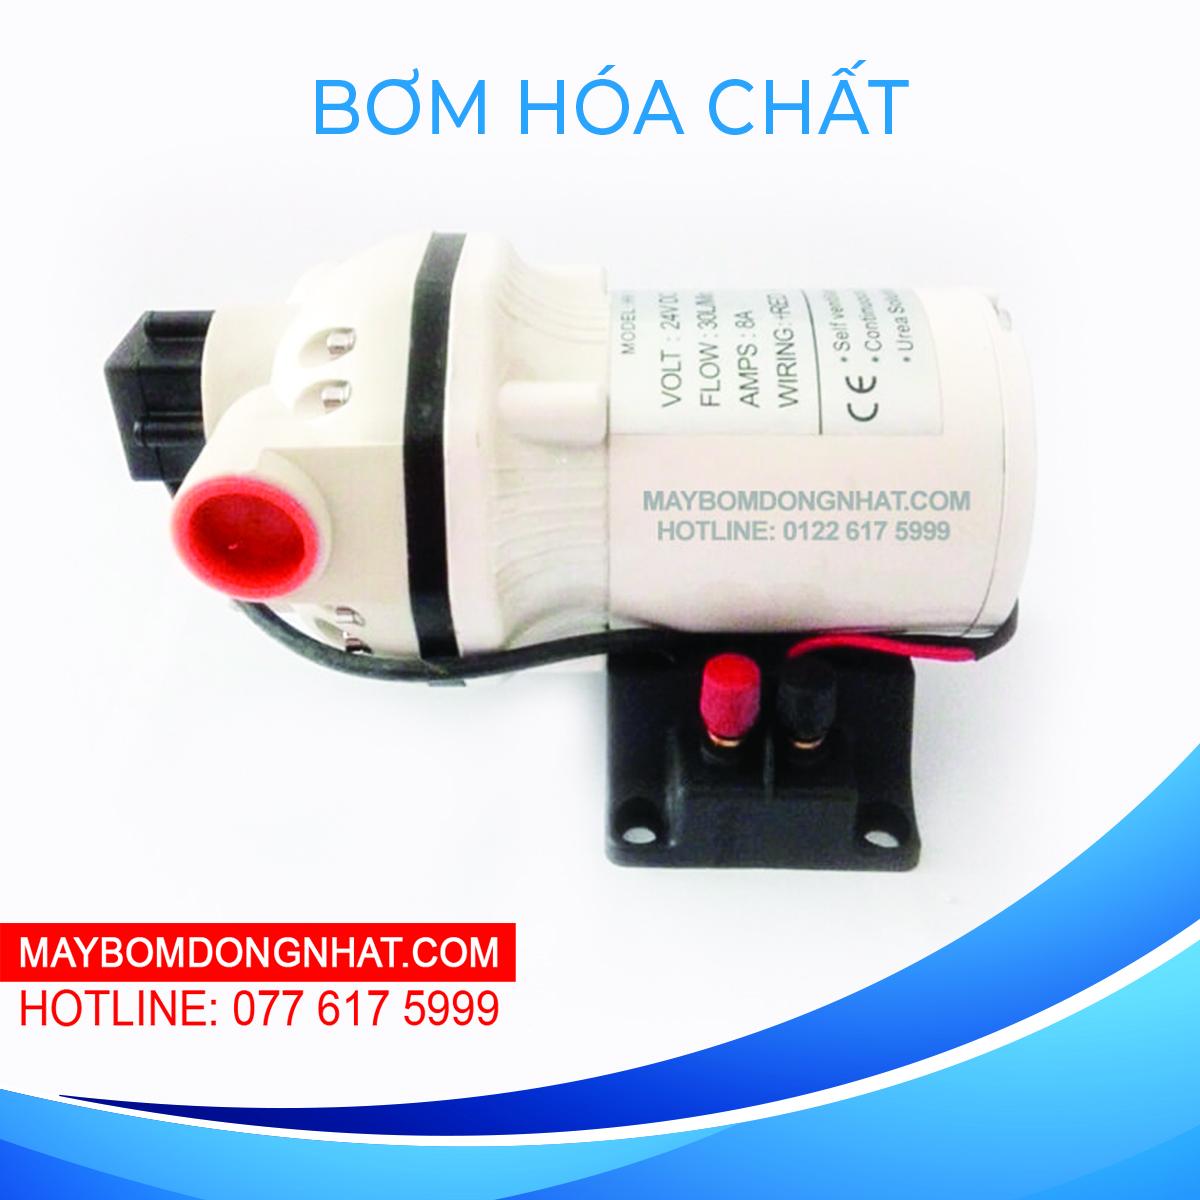 Máy bơm hóa chất SingFlo FL-540 12V 180W 30L